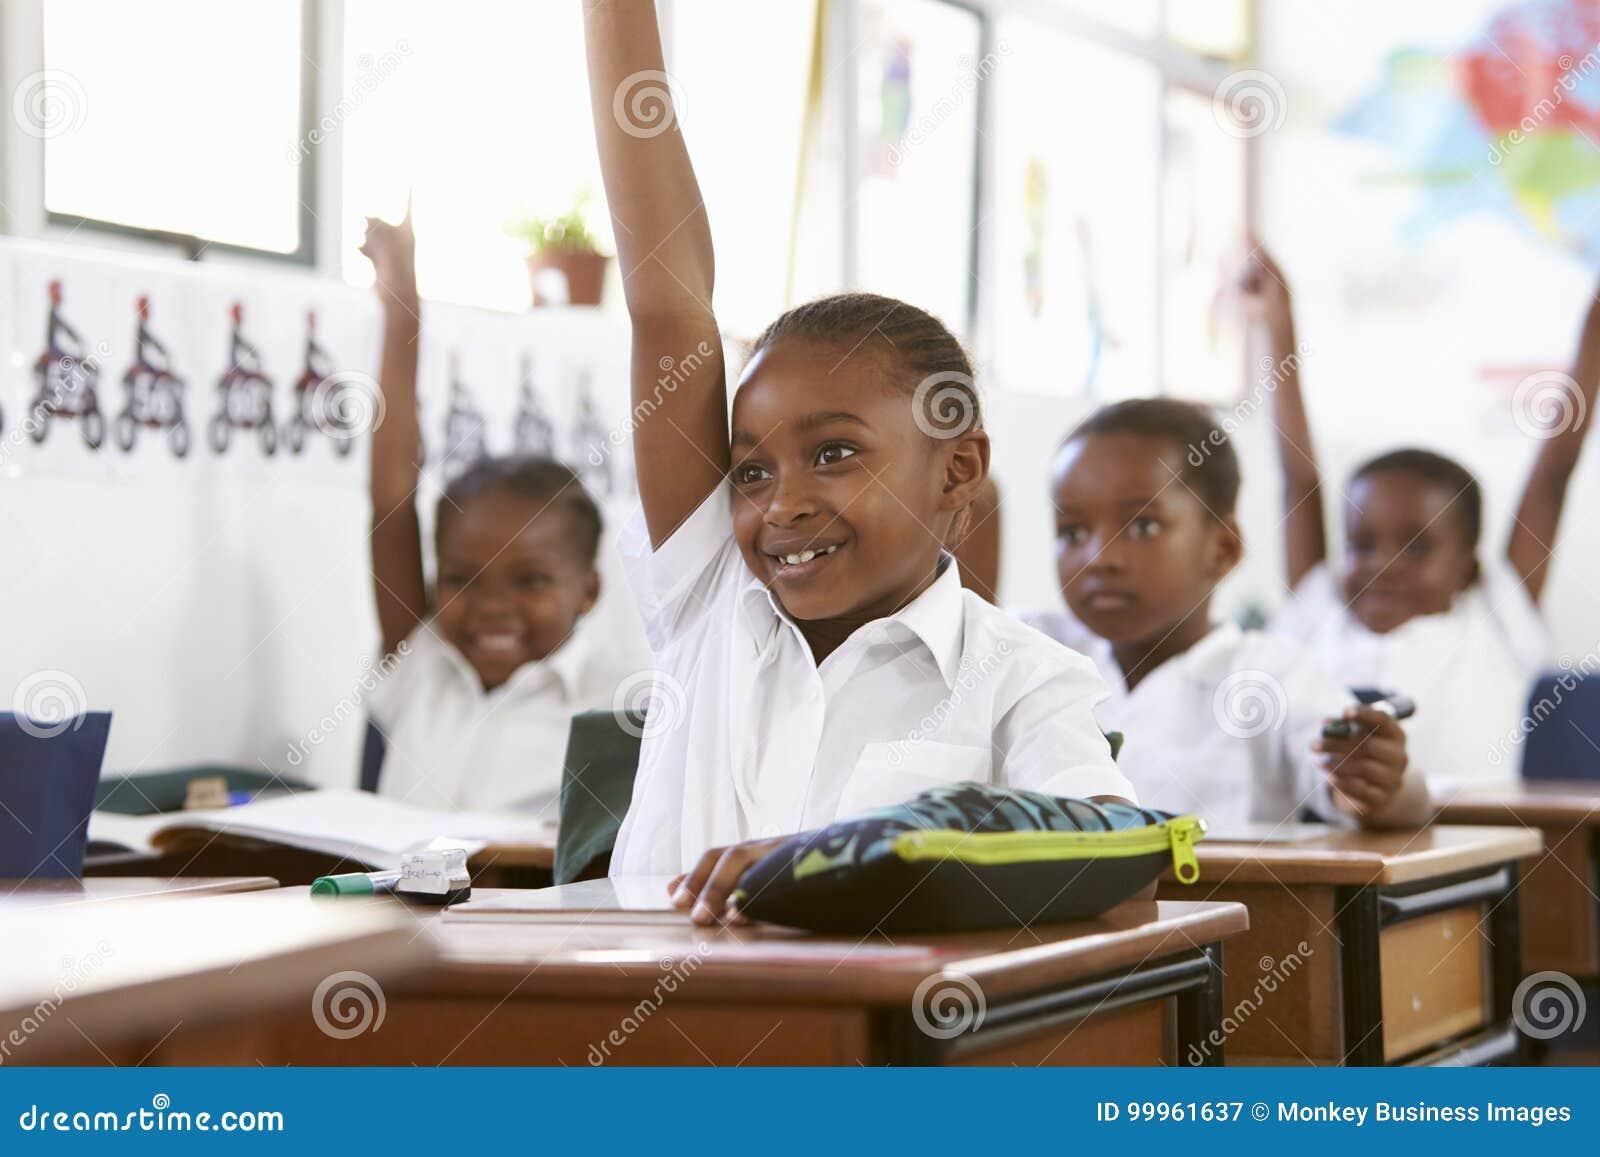 举手的孩子在教训期间在一所小学